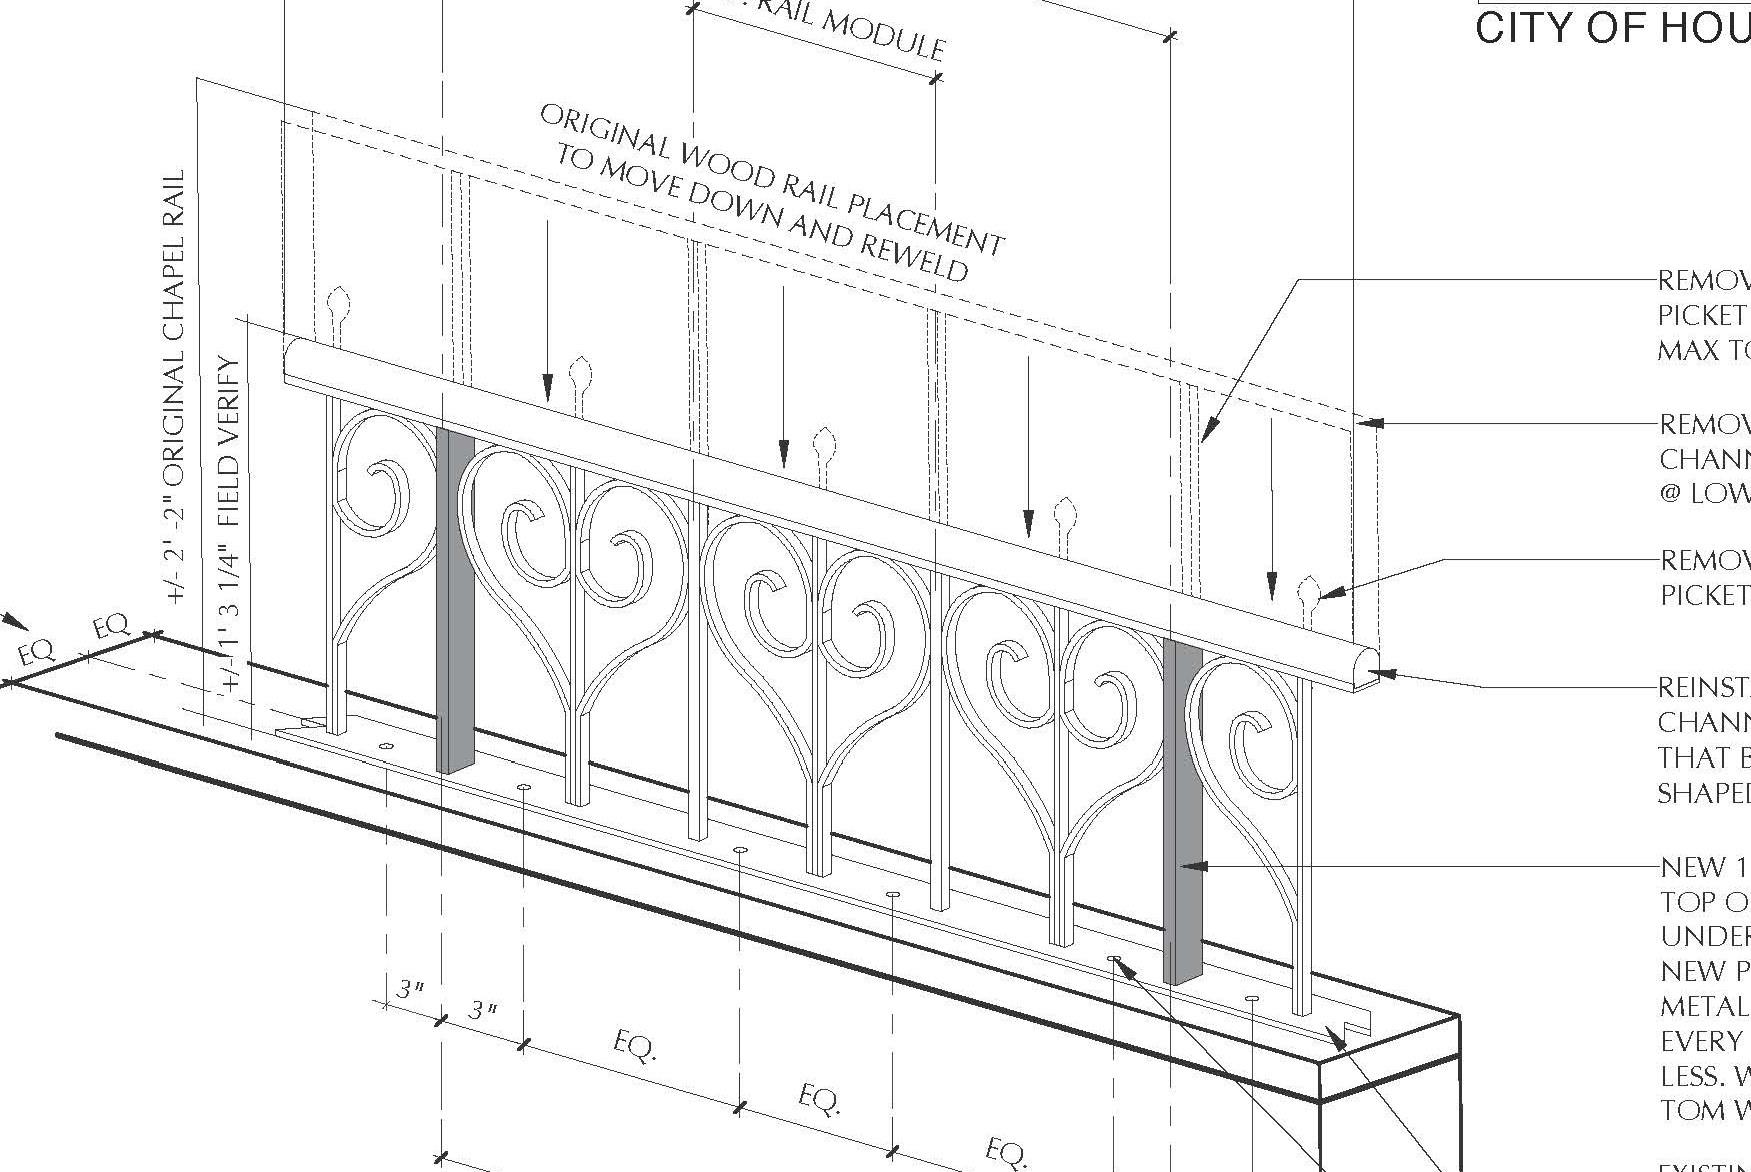 T17003-pdfs-050218-CH prmt prvw-A302.jpg